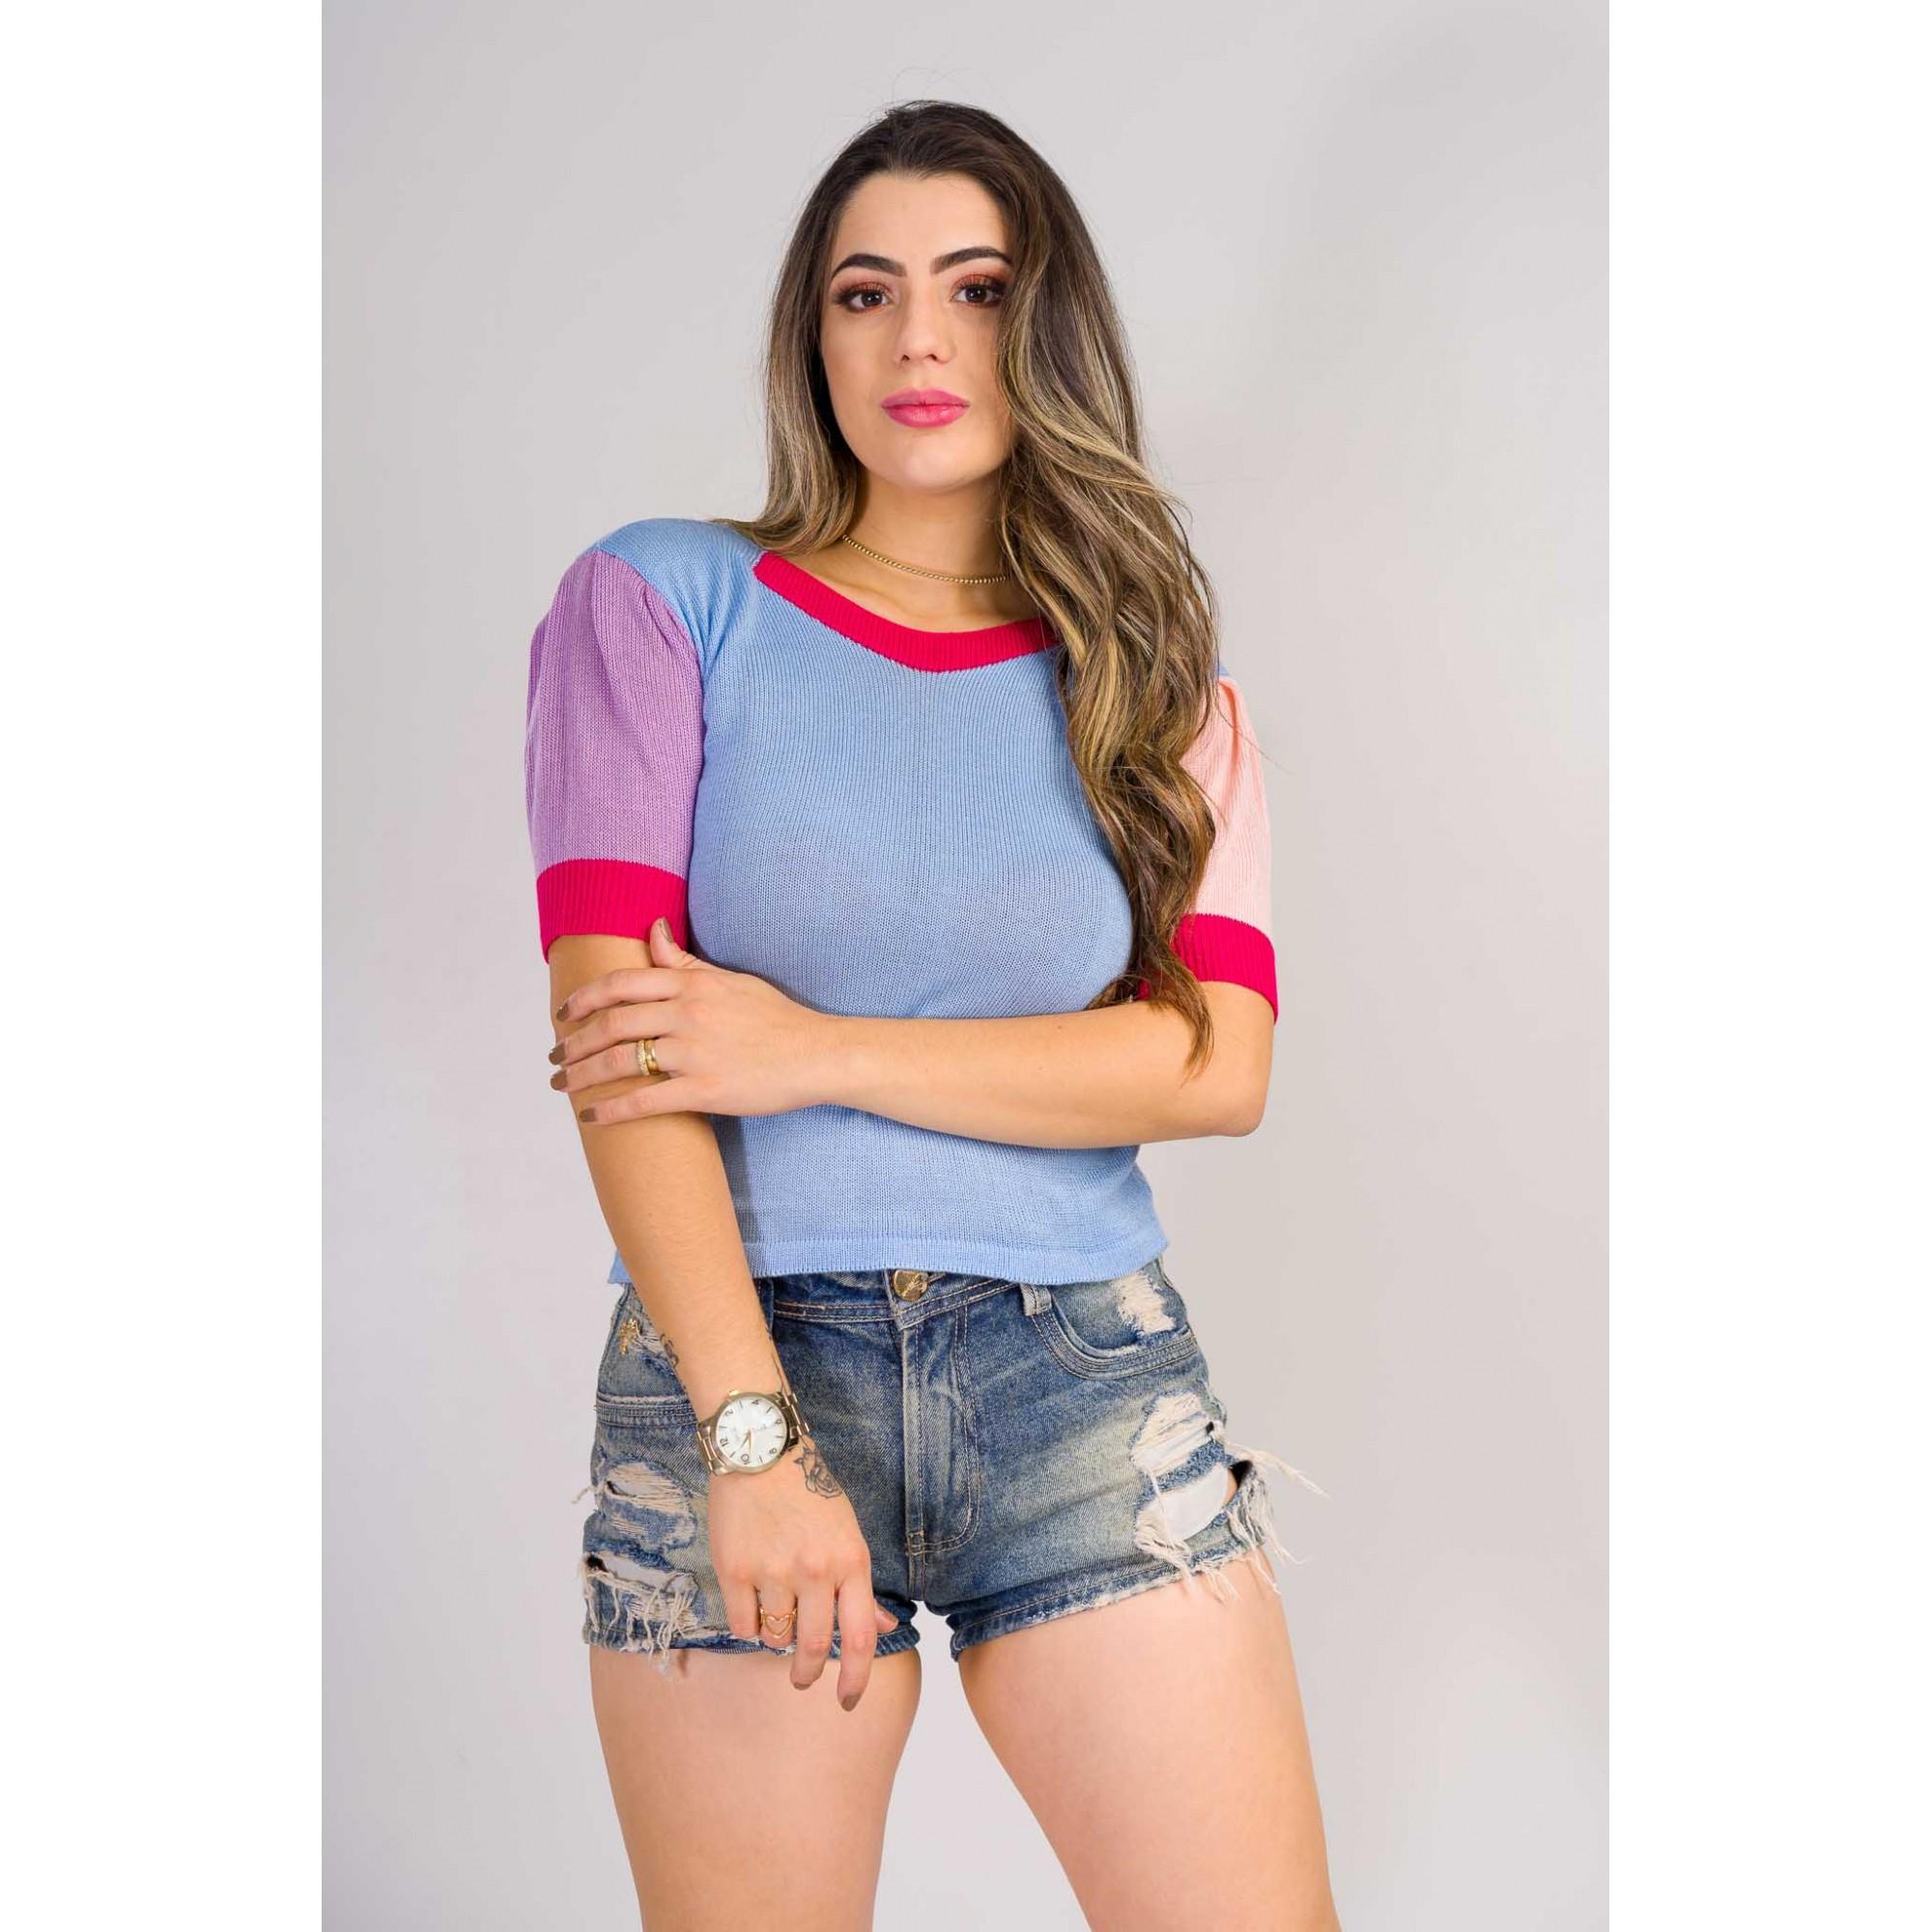 tricot de verão blusa colorida moda instagran bloqueira